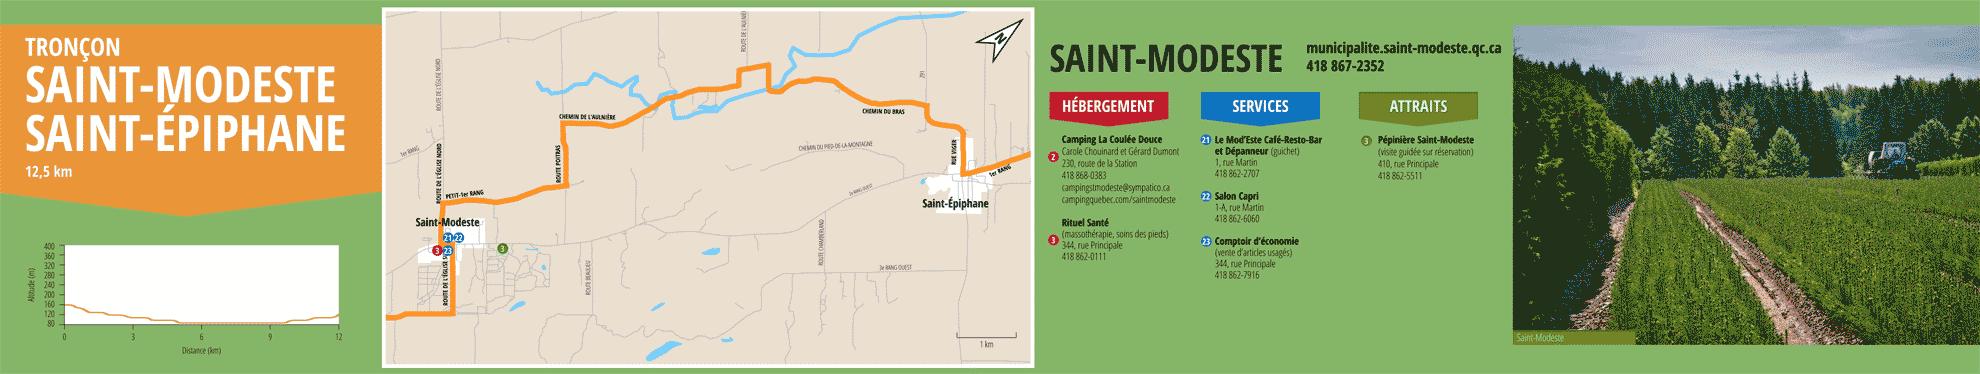 La Route des passants - Tronçon Saint-Modeste/Saint-Épiphane